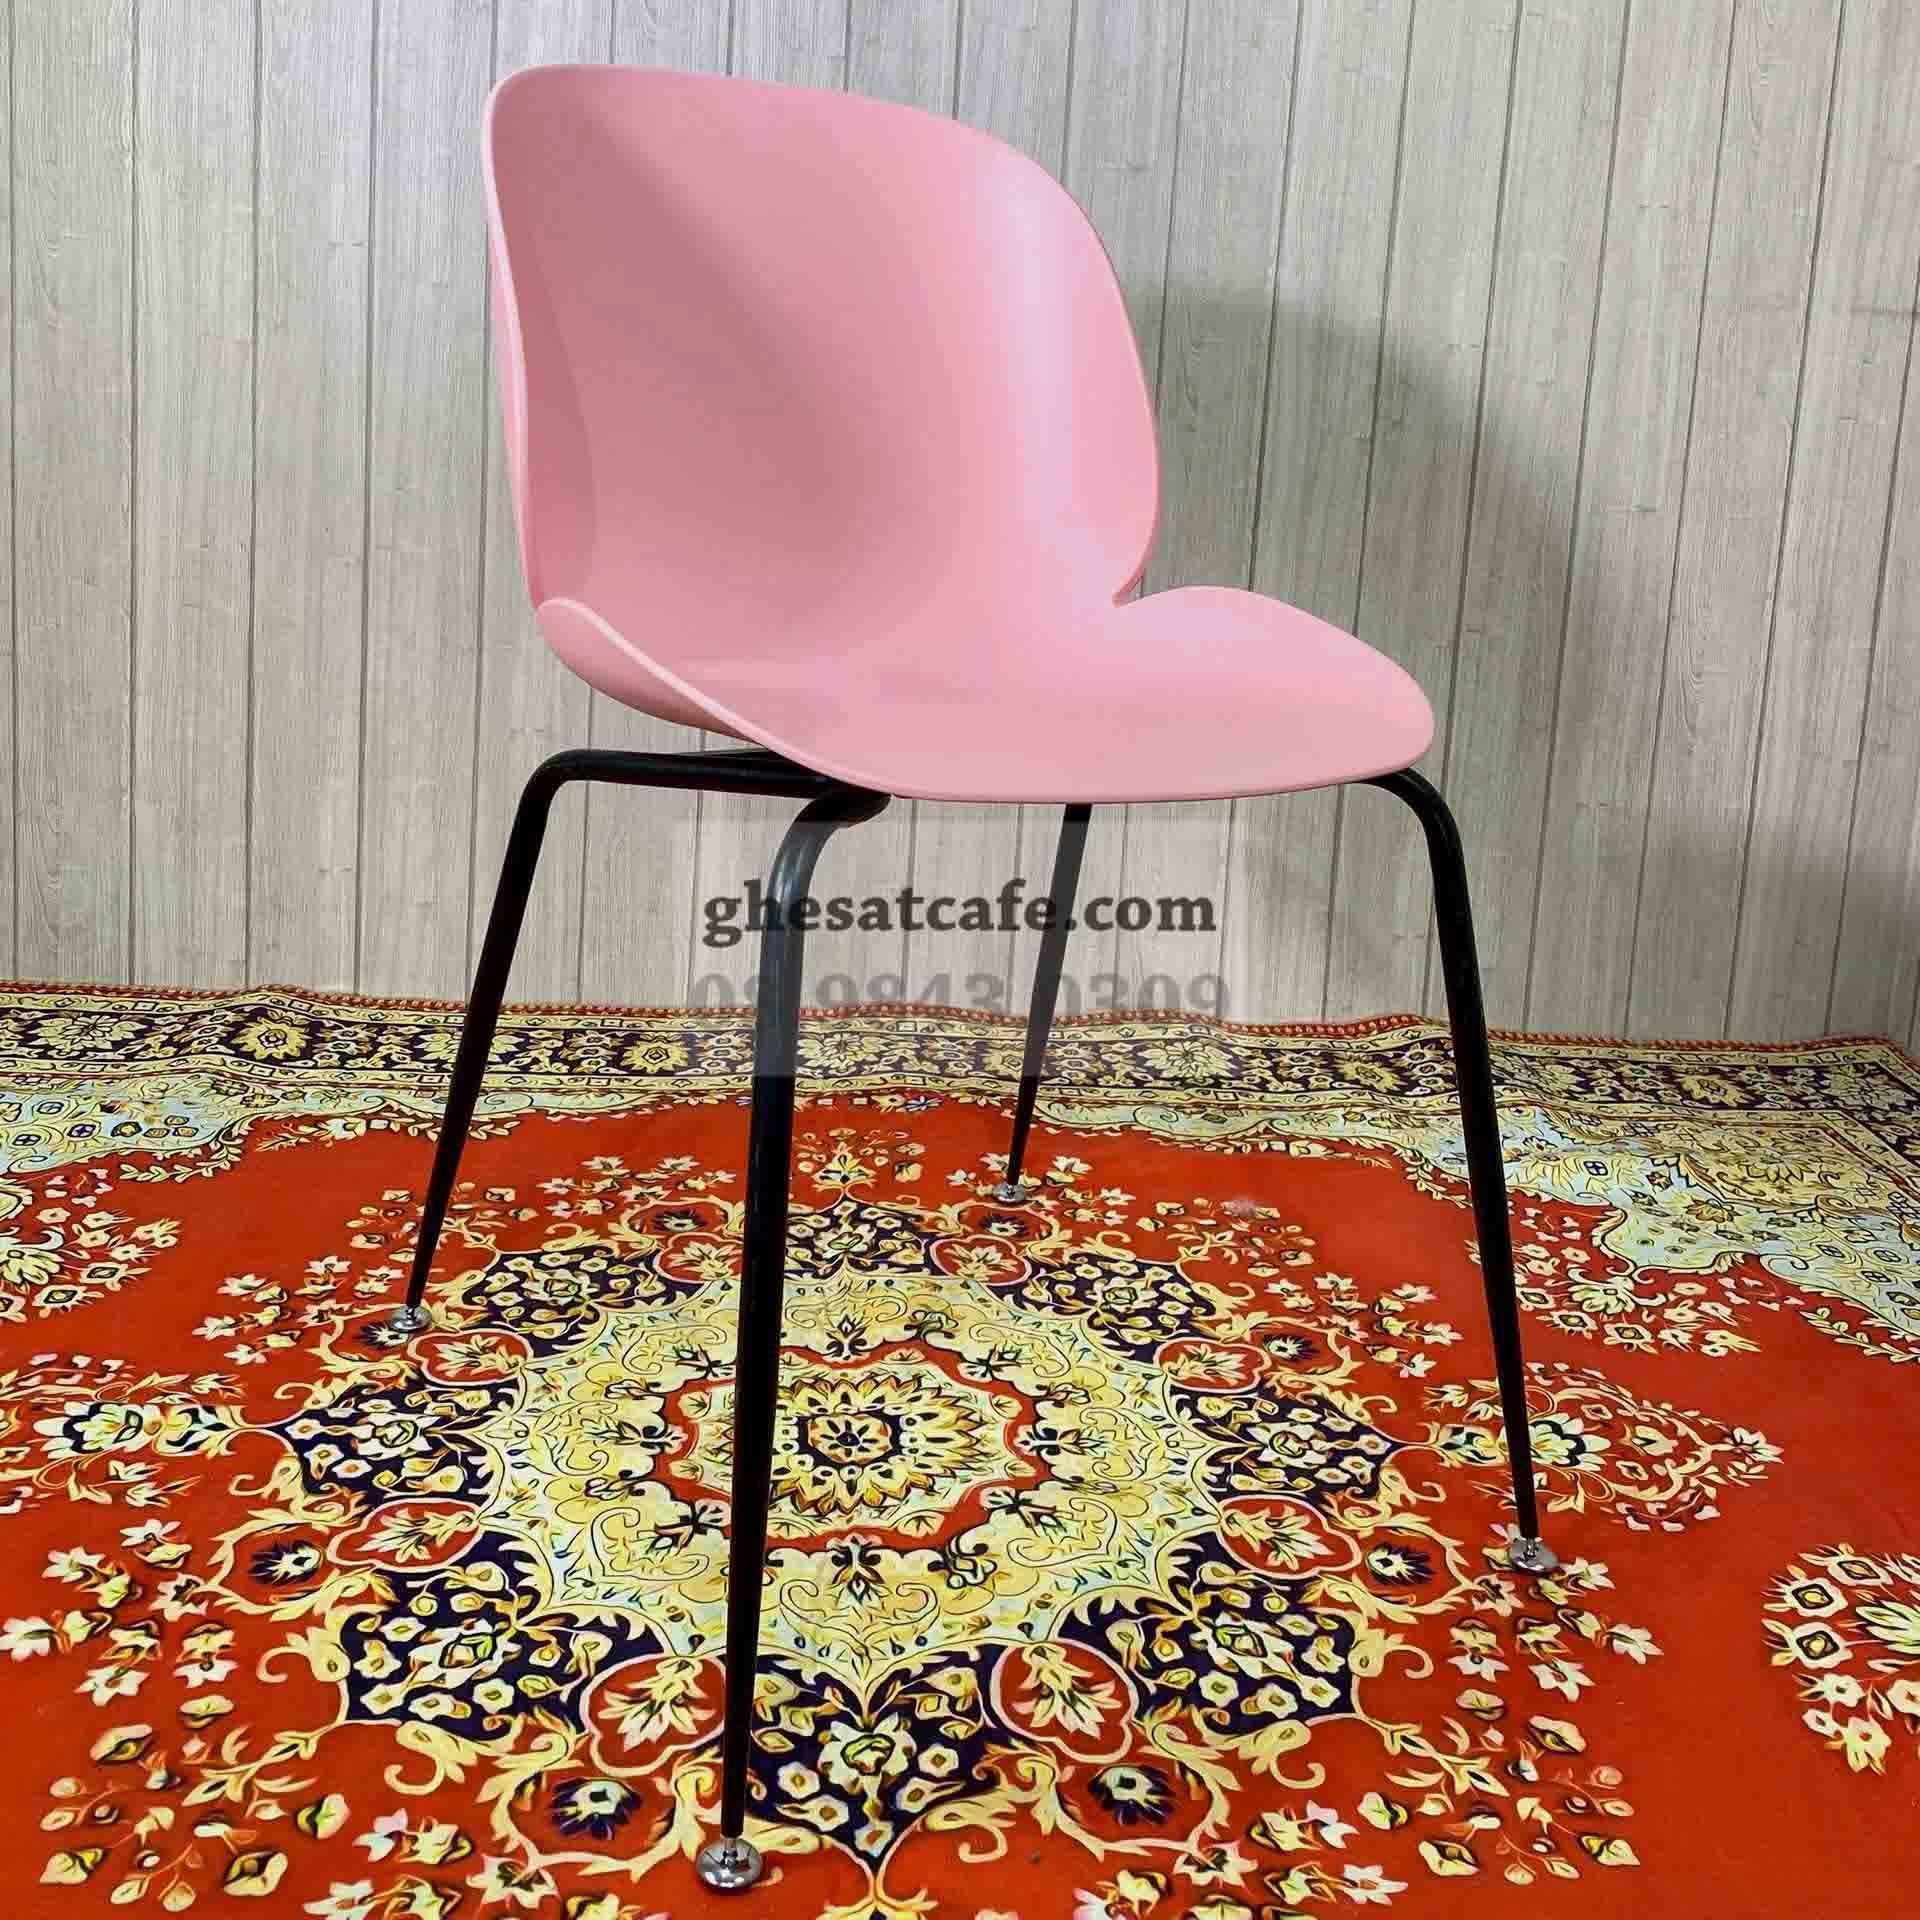 Các mẫu ghế Beetle thân nhựa đẹp (7)